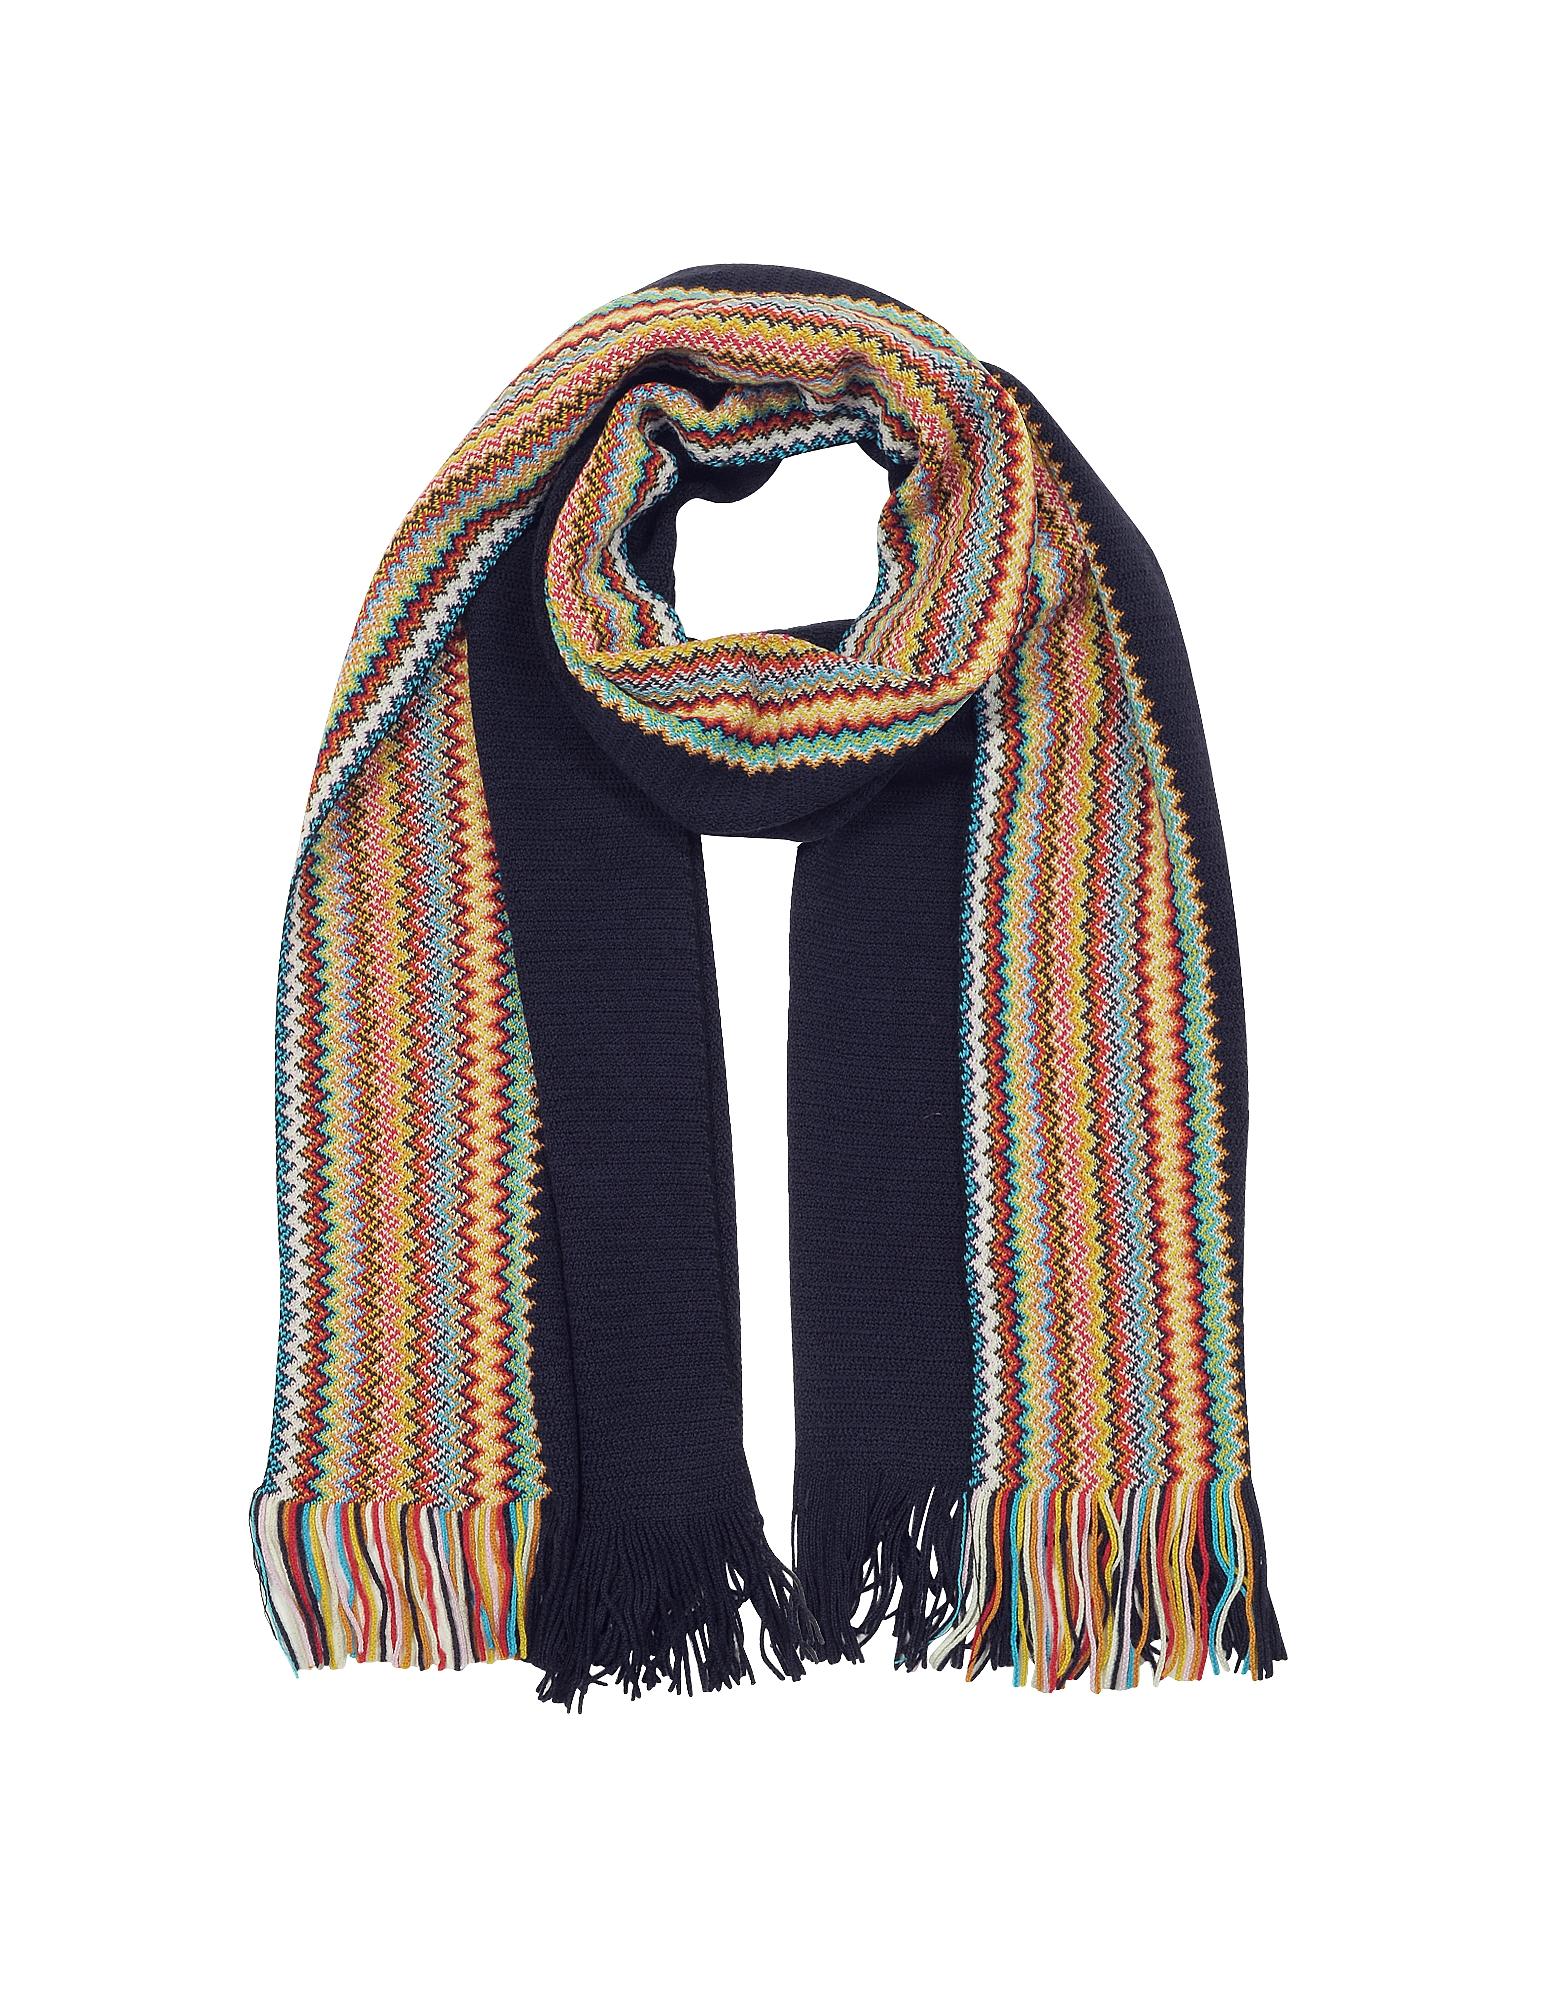 Image of Missoni Designer Men's Scarves, Midnight Blue/Multicolor Zig Zag Wool Blend Fringed Men's Long Scarf